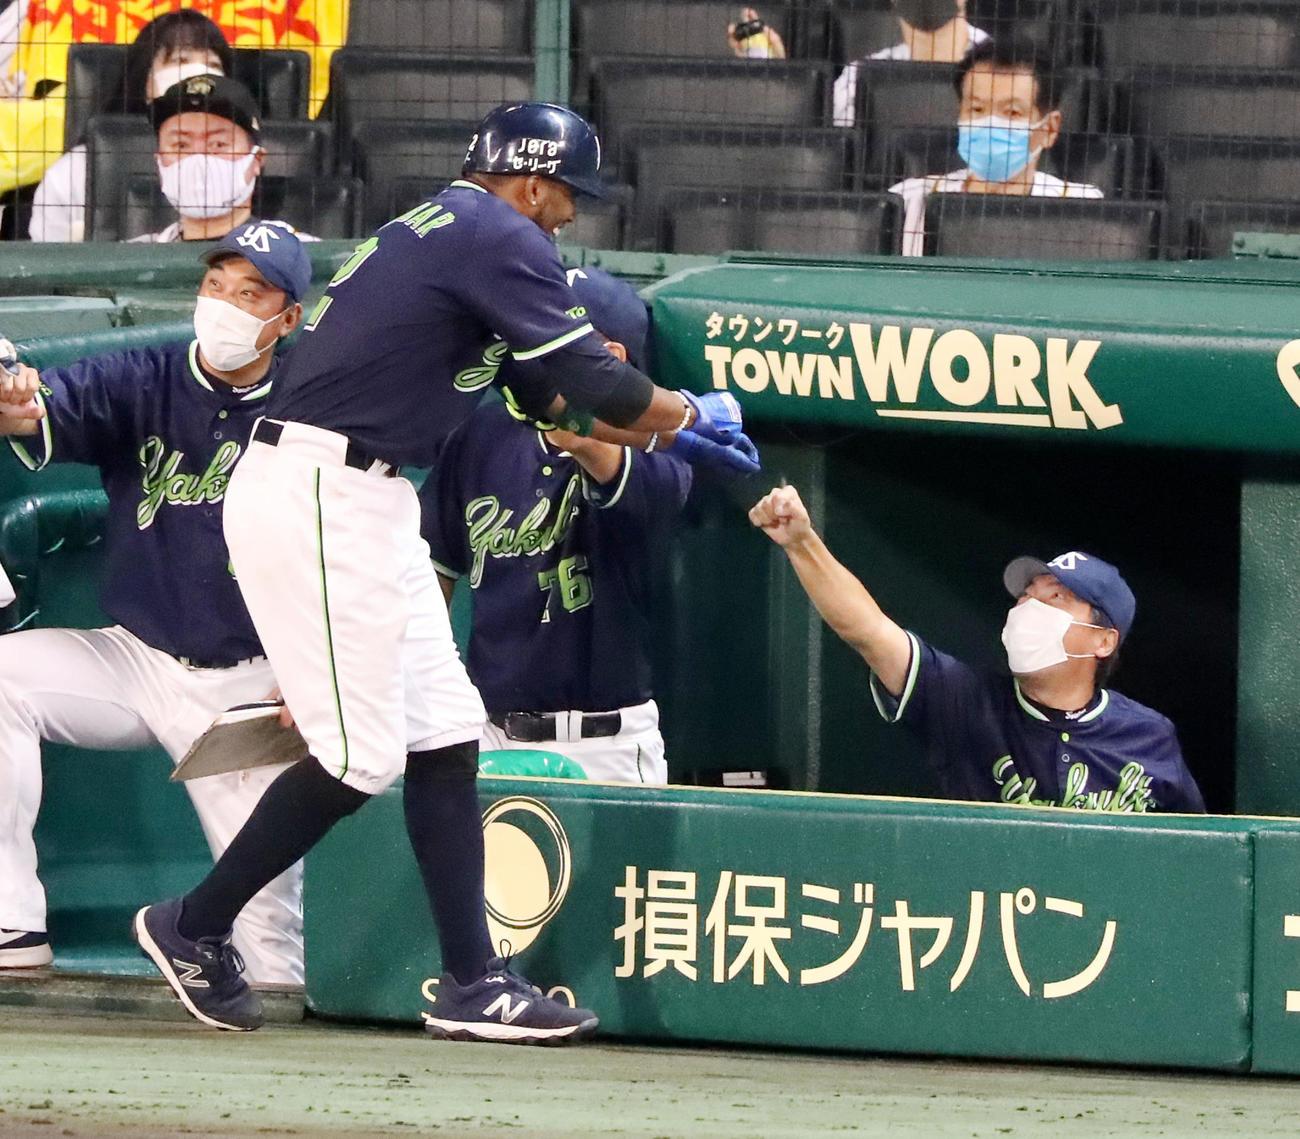 阪神対ヤクルト 6回表ヤクルト2死二塁、エスコバー(左)は左越え2点本塁打を放ちベンチの高津監督とエアタッチする(撮影・加藤哉)